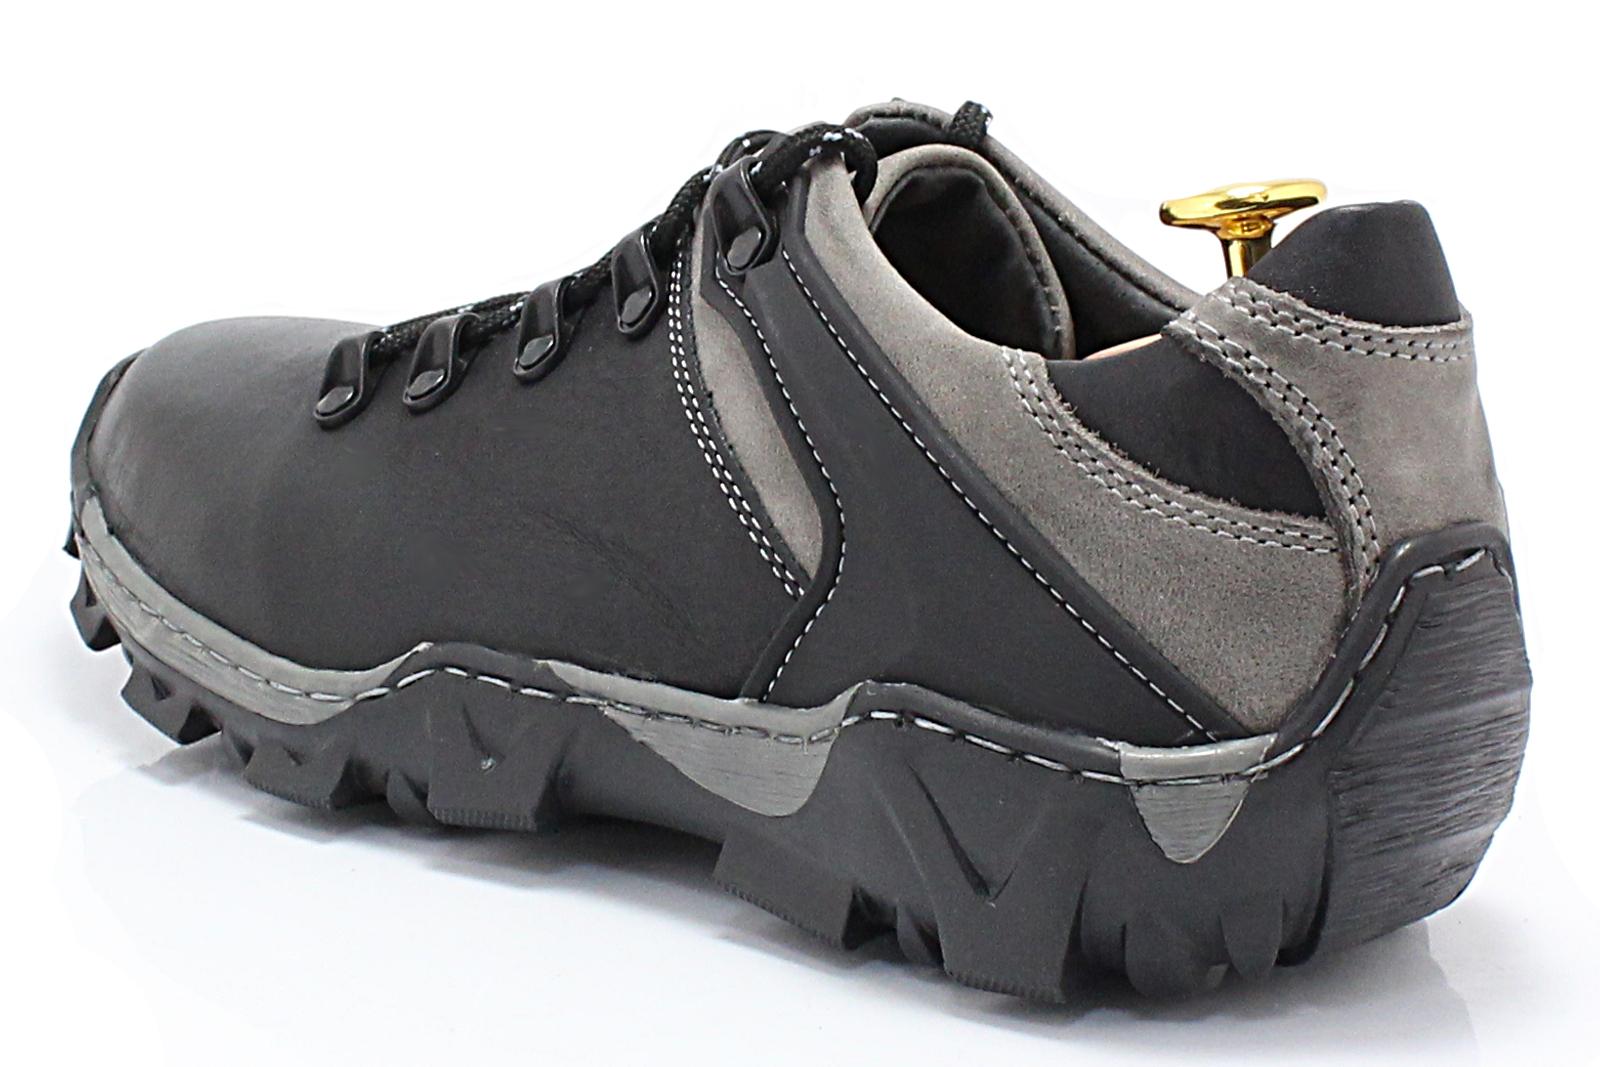 89e6890710ef4 KENT 116 CZARNO-SZARE - Trekkingowe buty męskie 100% skórzane ...